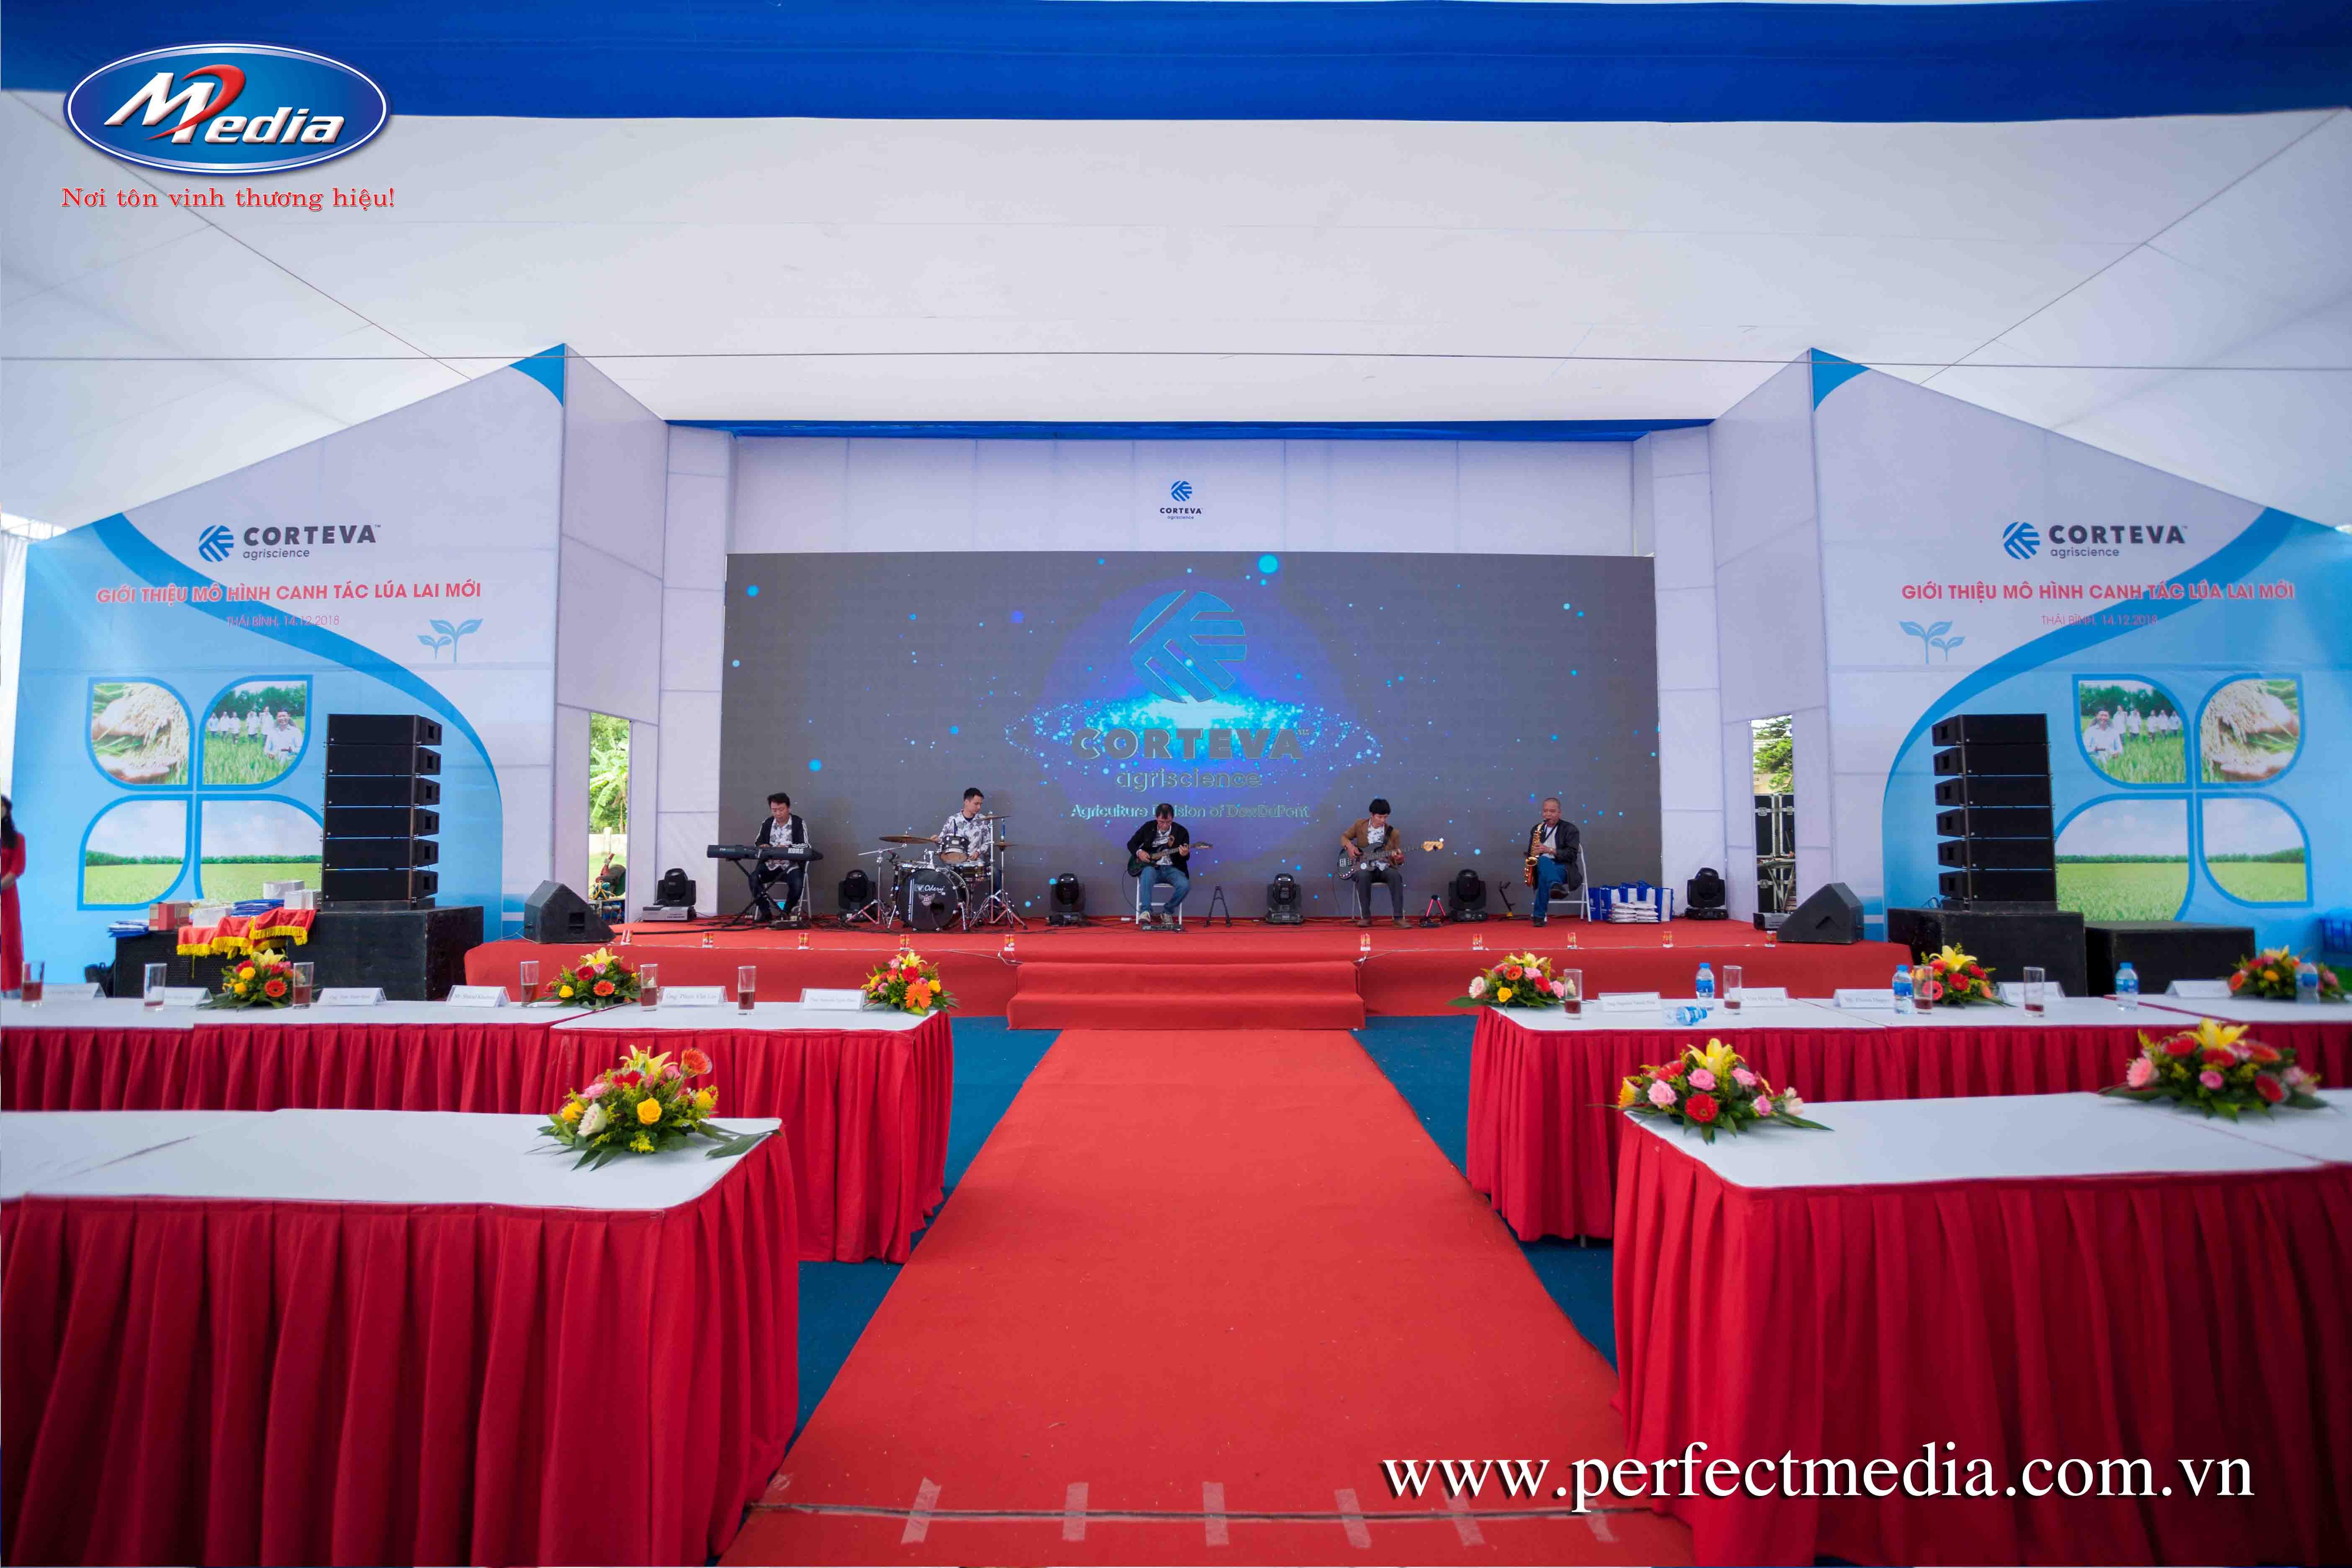 chức Lễ ra mắt, giới thiệu sản phẩm, dịch vụ mới tại Hạ Long, Quảng Ninh mà công ty Perfect Media cung cấp